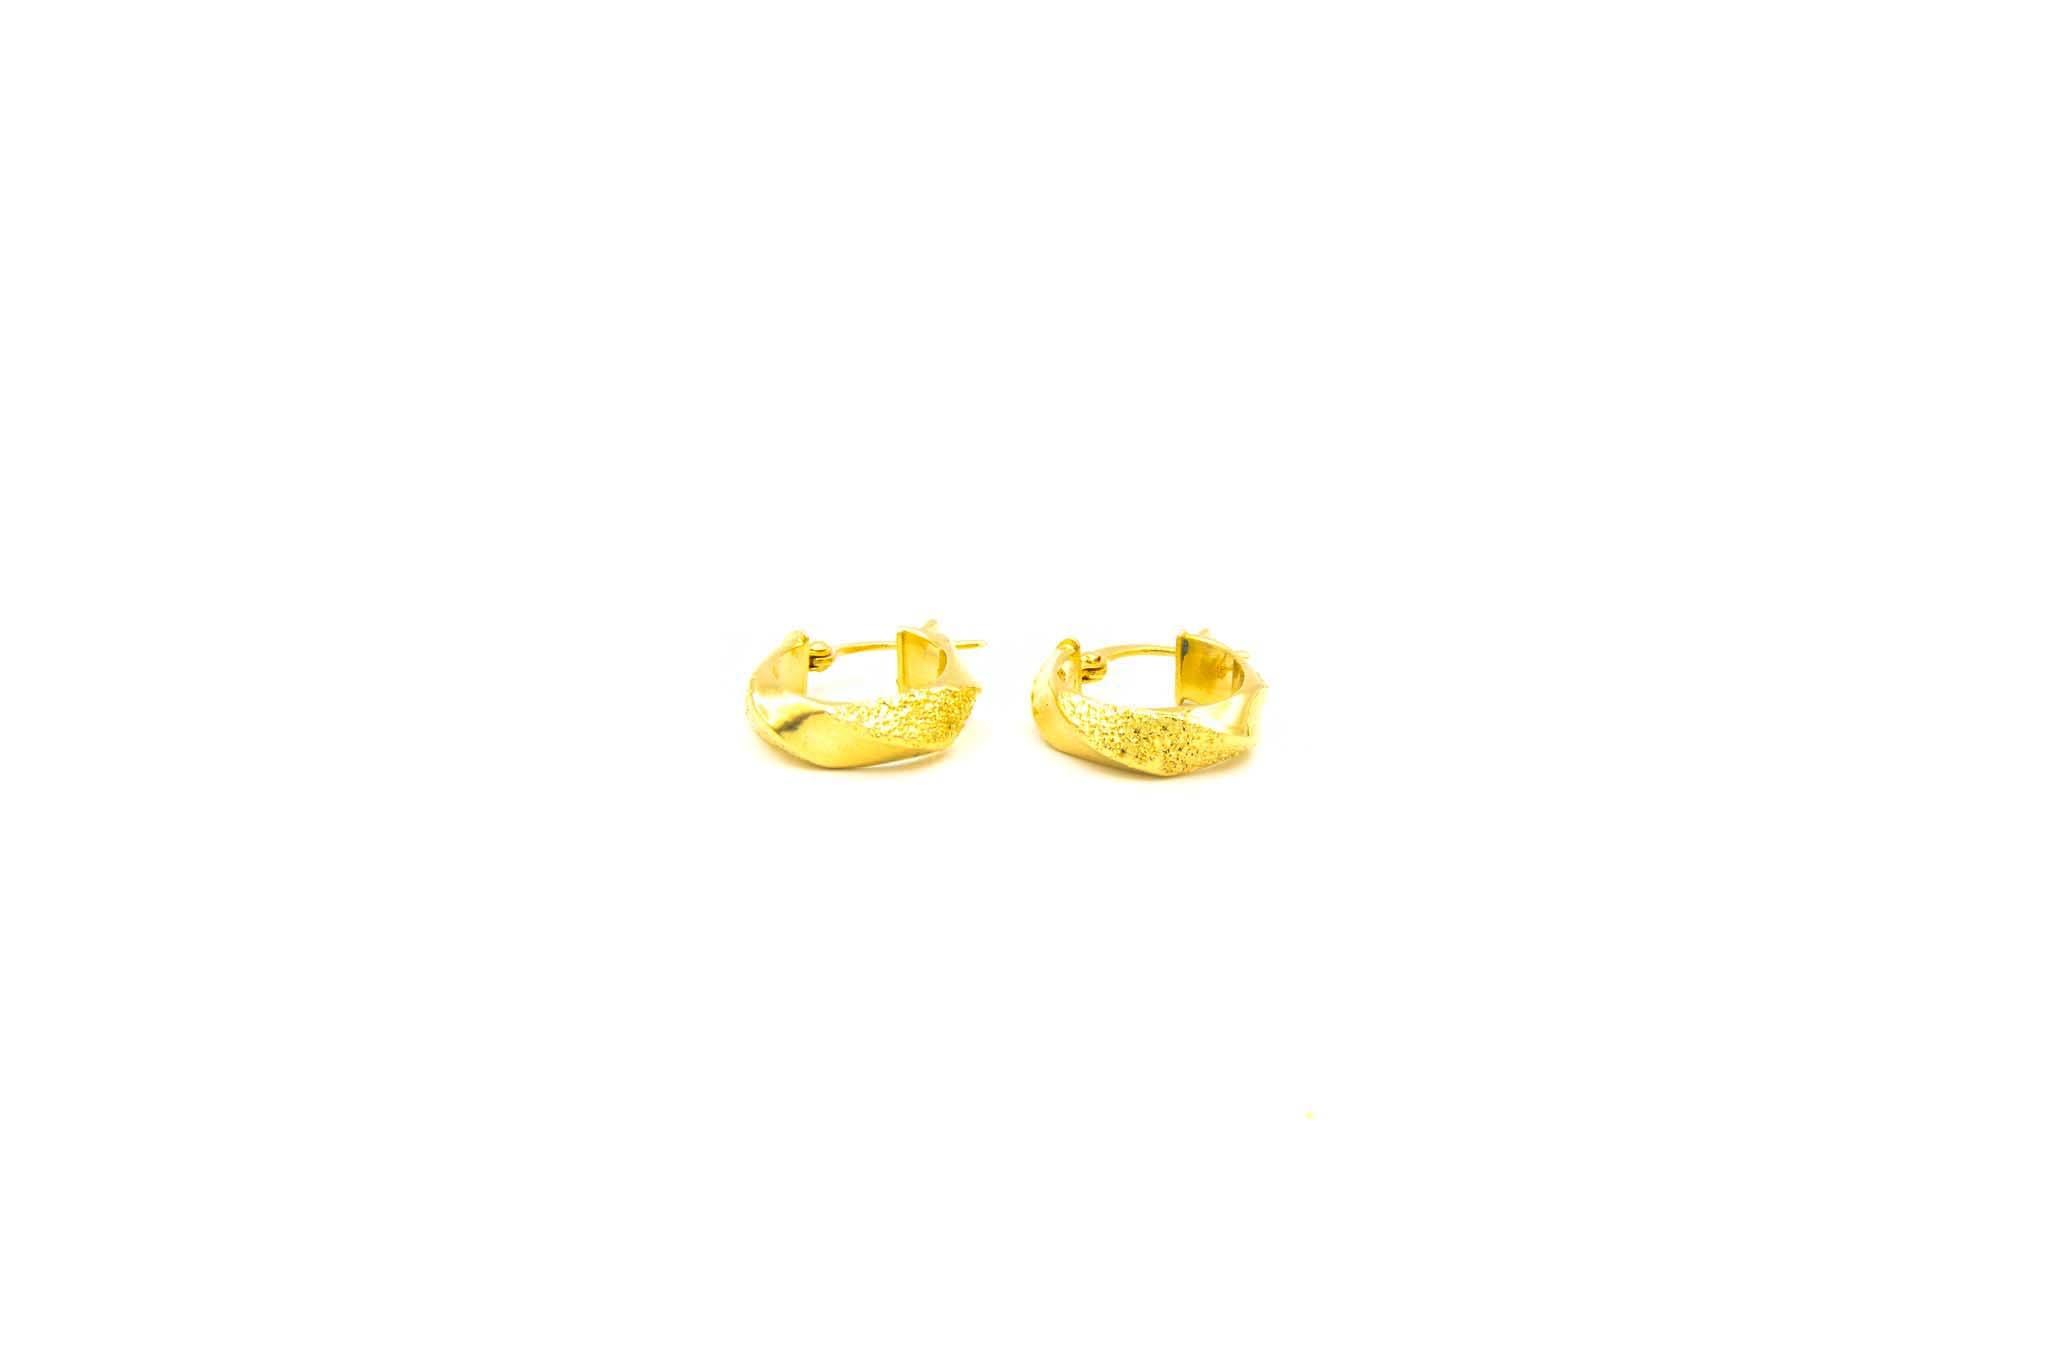 Oorbellen gedraaide creolen gedeeltelijk gediamanteerd-1